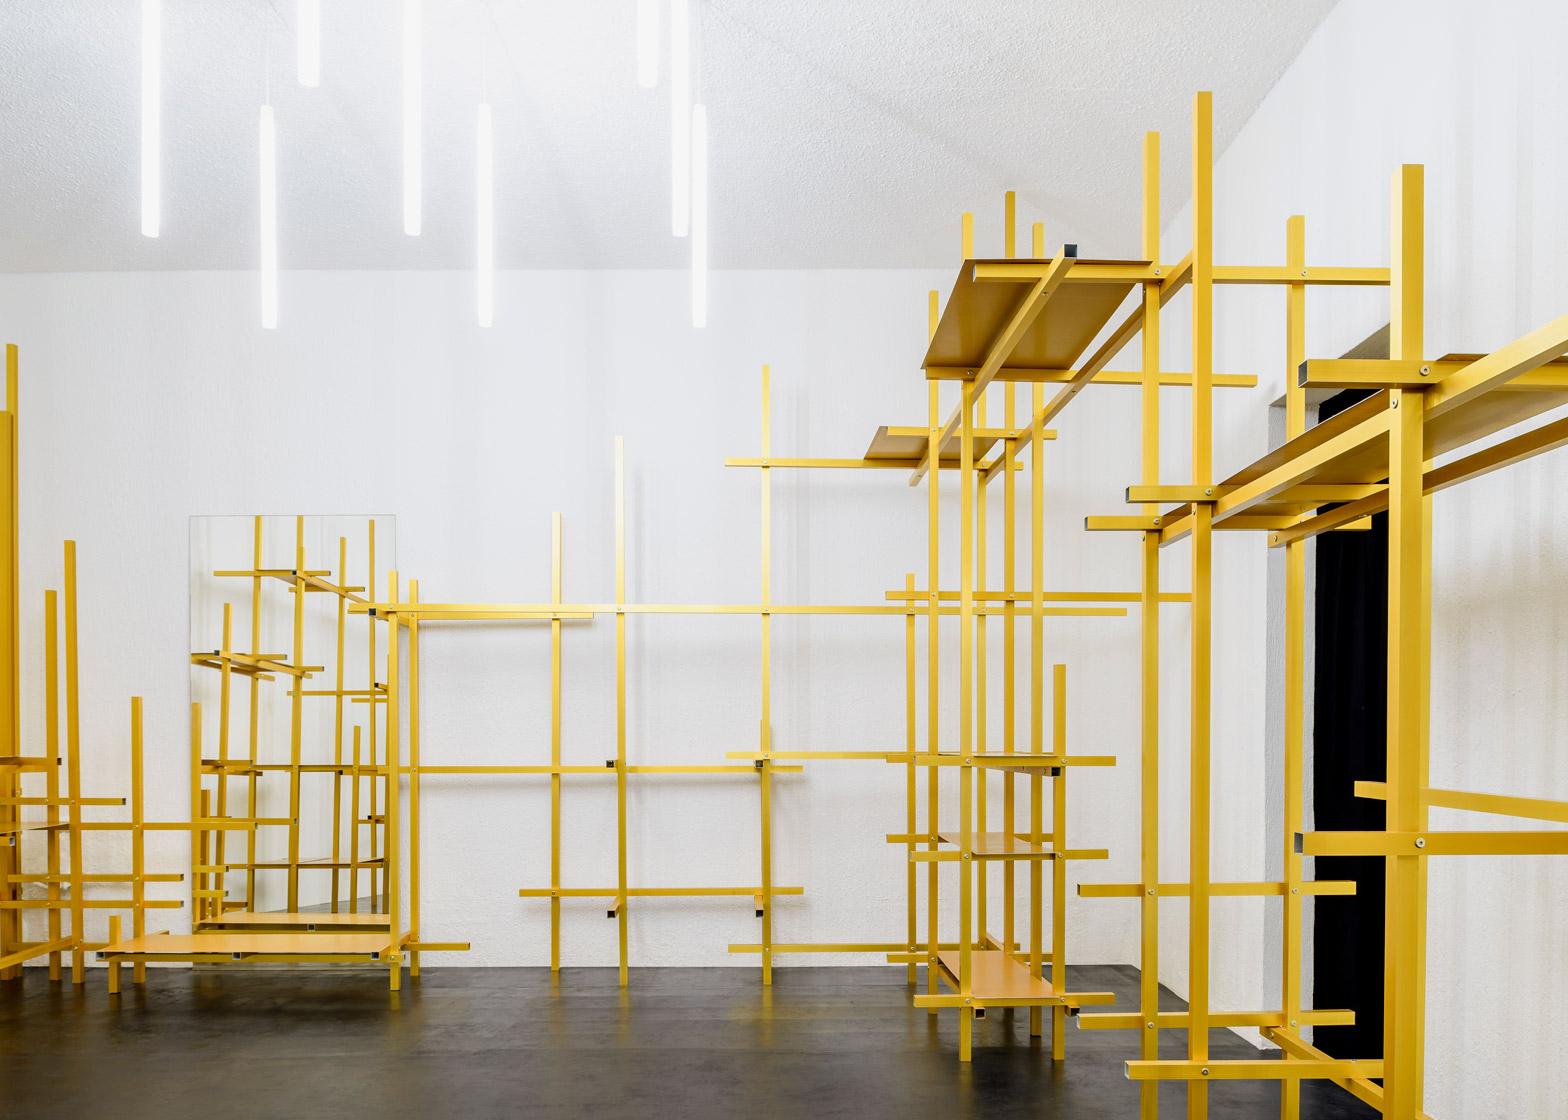 troquer-studio-showroom-zeller-moye-mexico-city-conversion_dezeen_1568_1